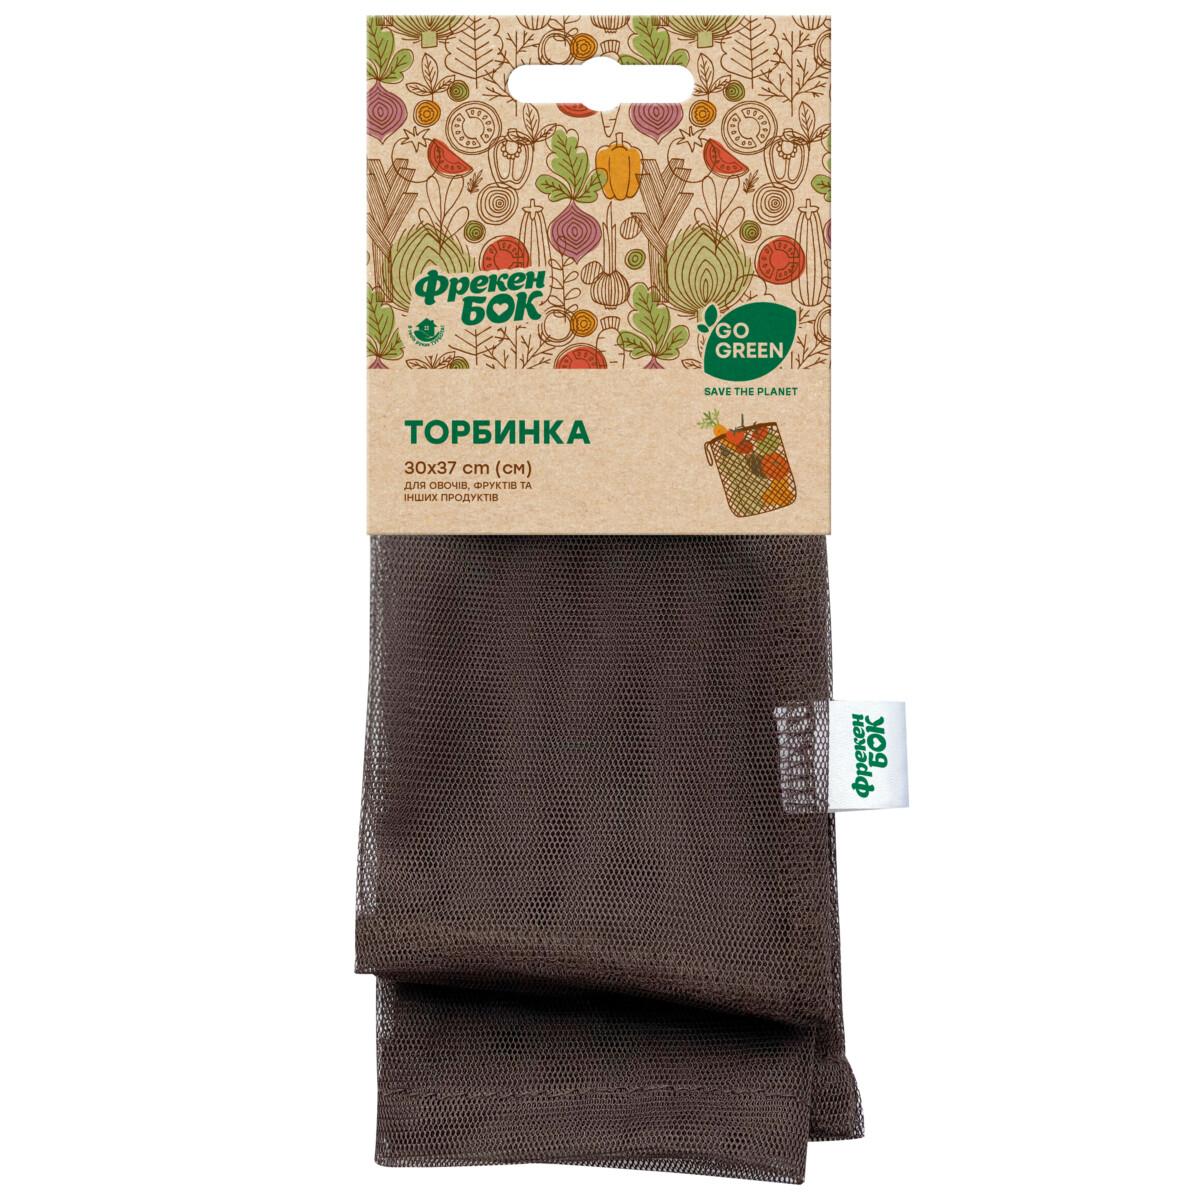 Фрекен БОК торбинка GO GREEN для овочів та фруктів 30х37 см.- Фото - Biosphere